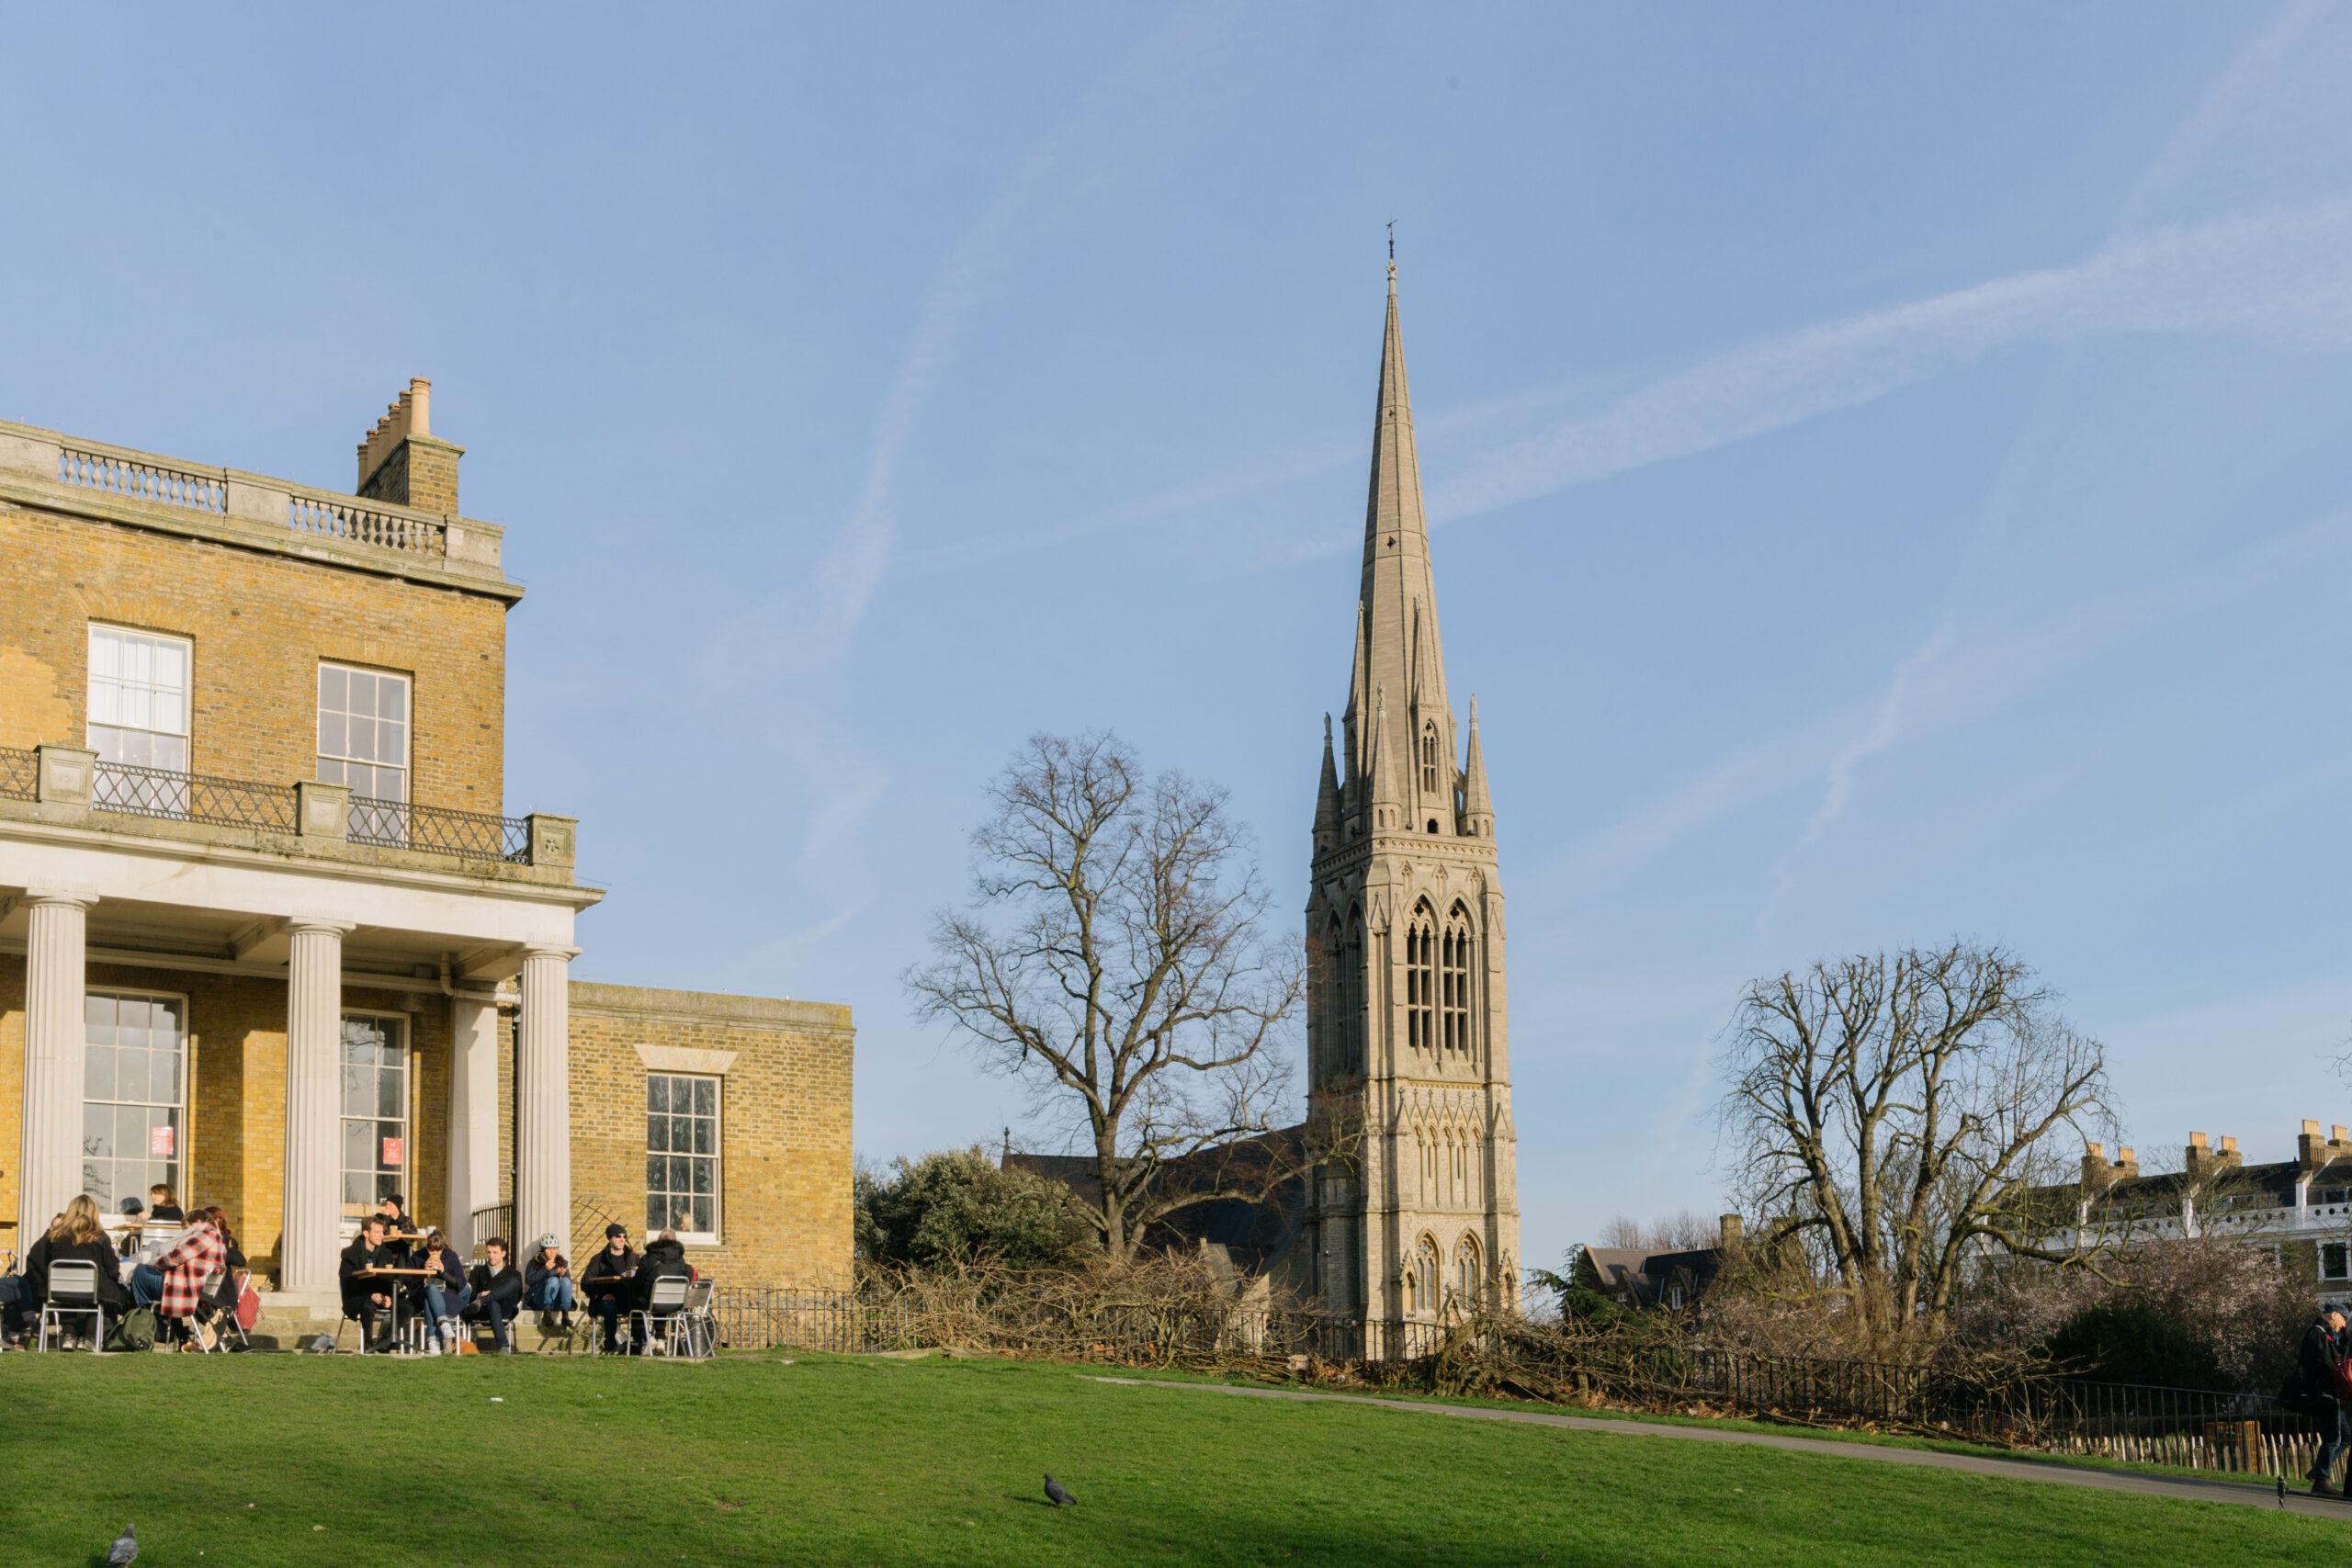 St Mary's Church, Stoke Newington, Hackney.